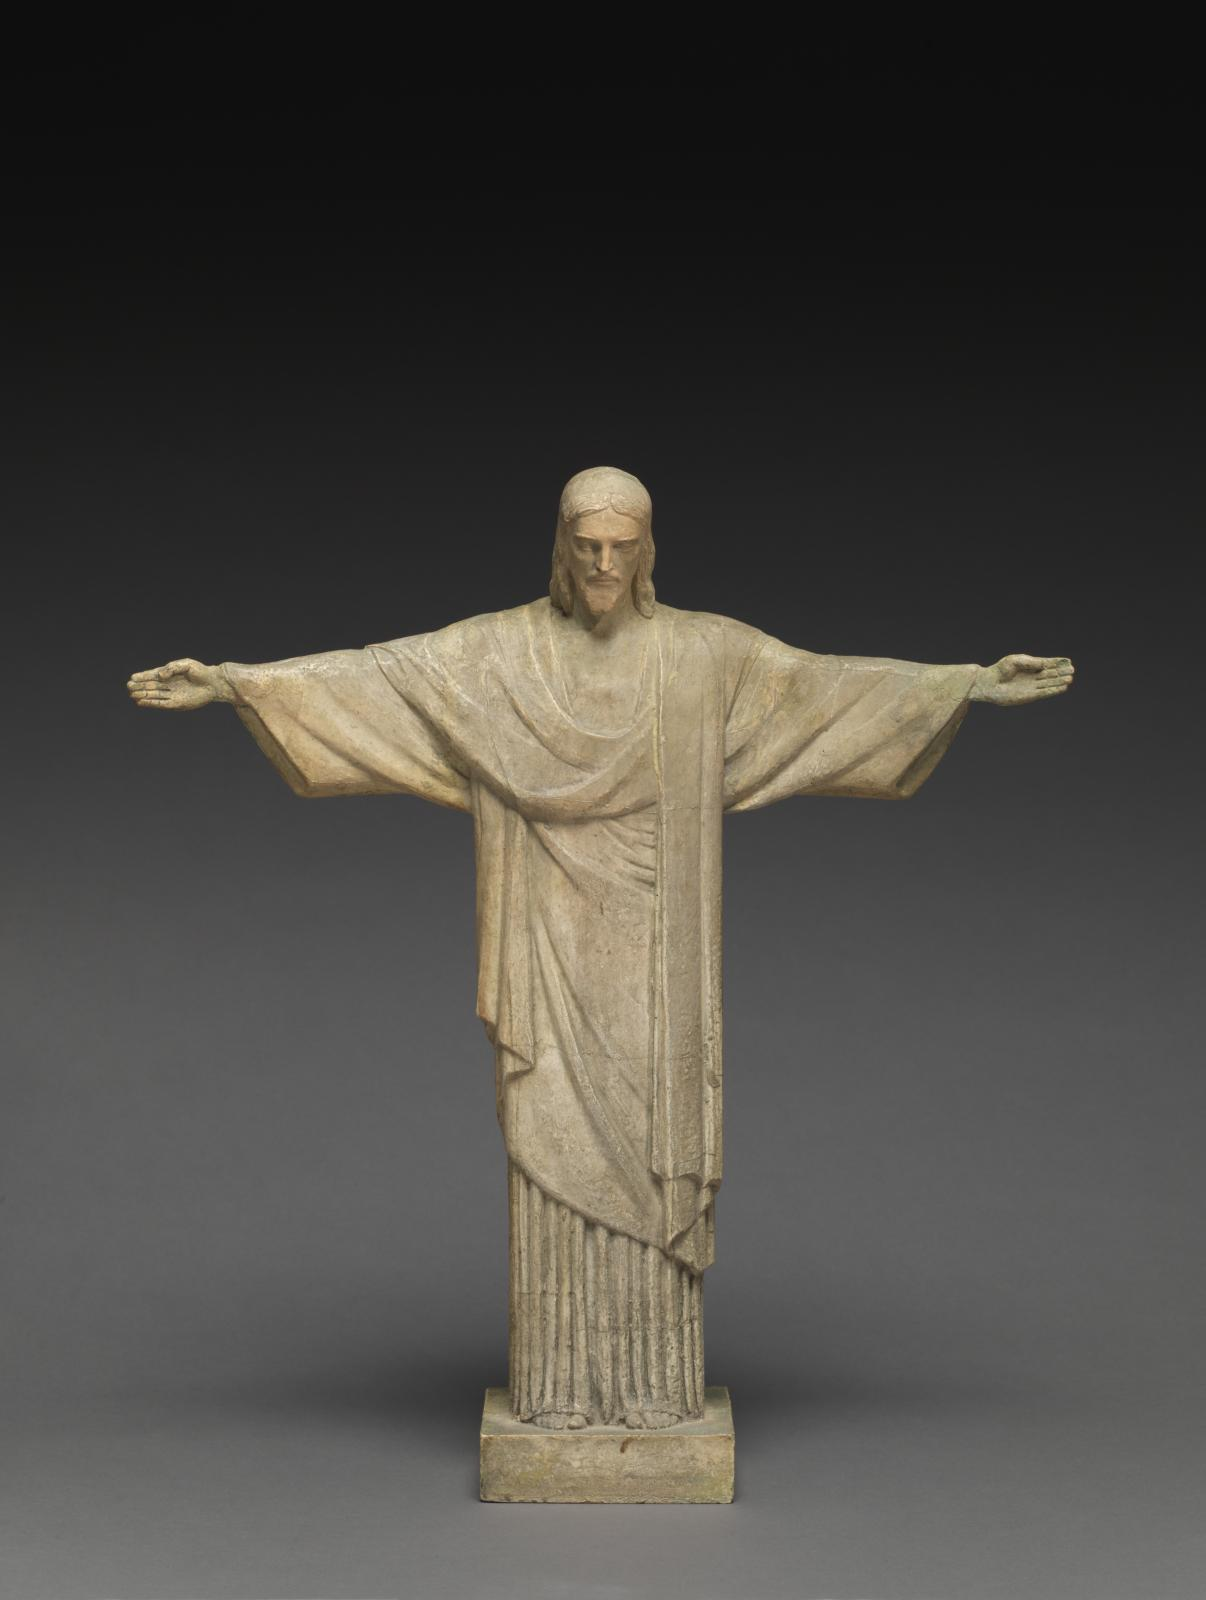 page de droite Paul Landowski (1875-1961), Christ rédempteur, 1926, maquette originale du monument érigé sur le mont Corcovado à Rio deJaneiro, inaug